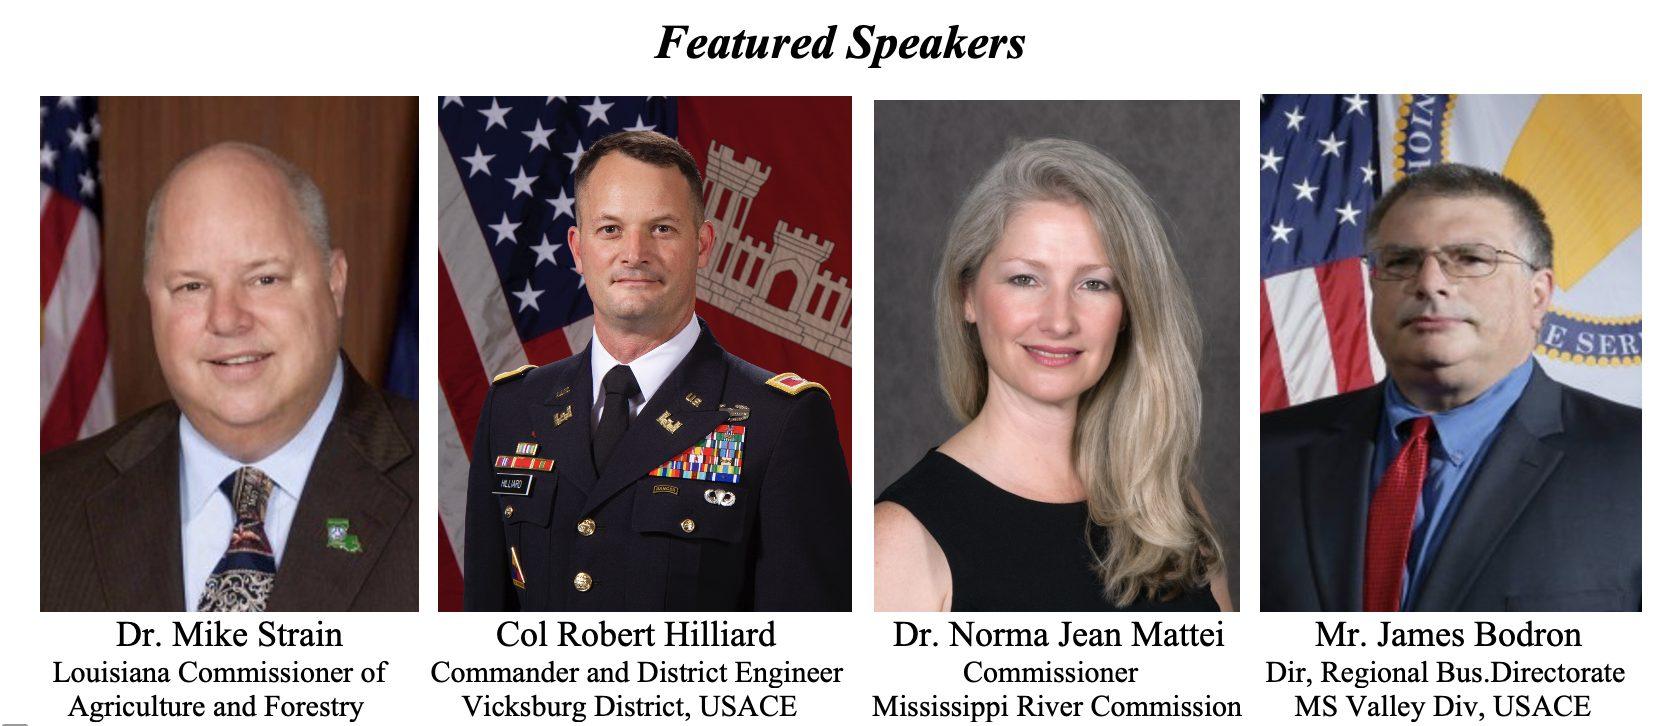 ORVA Featured Speakers